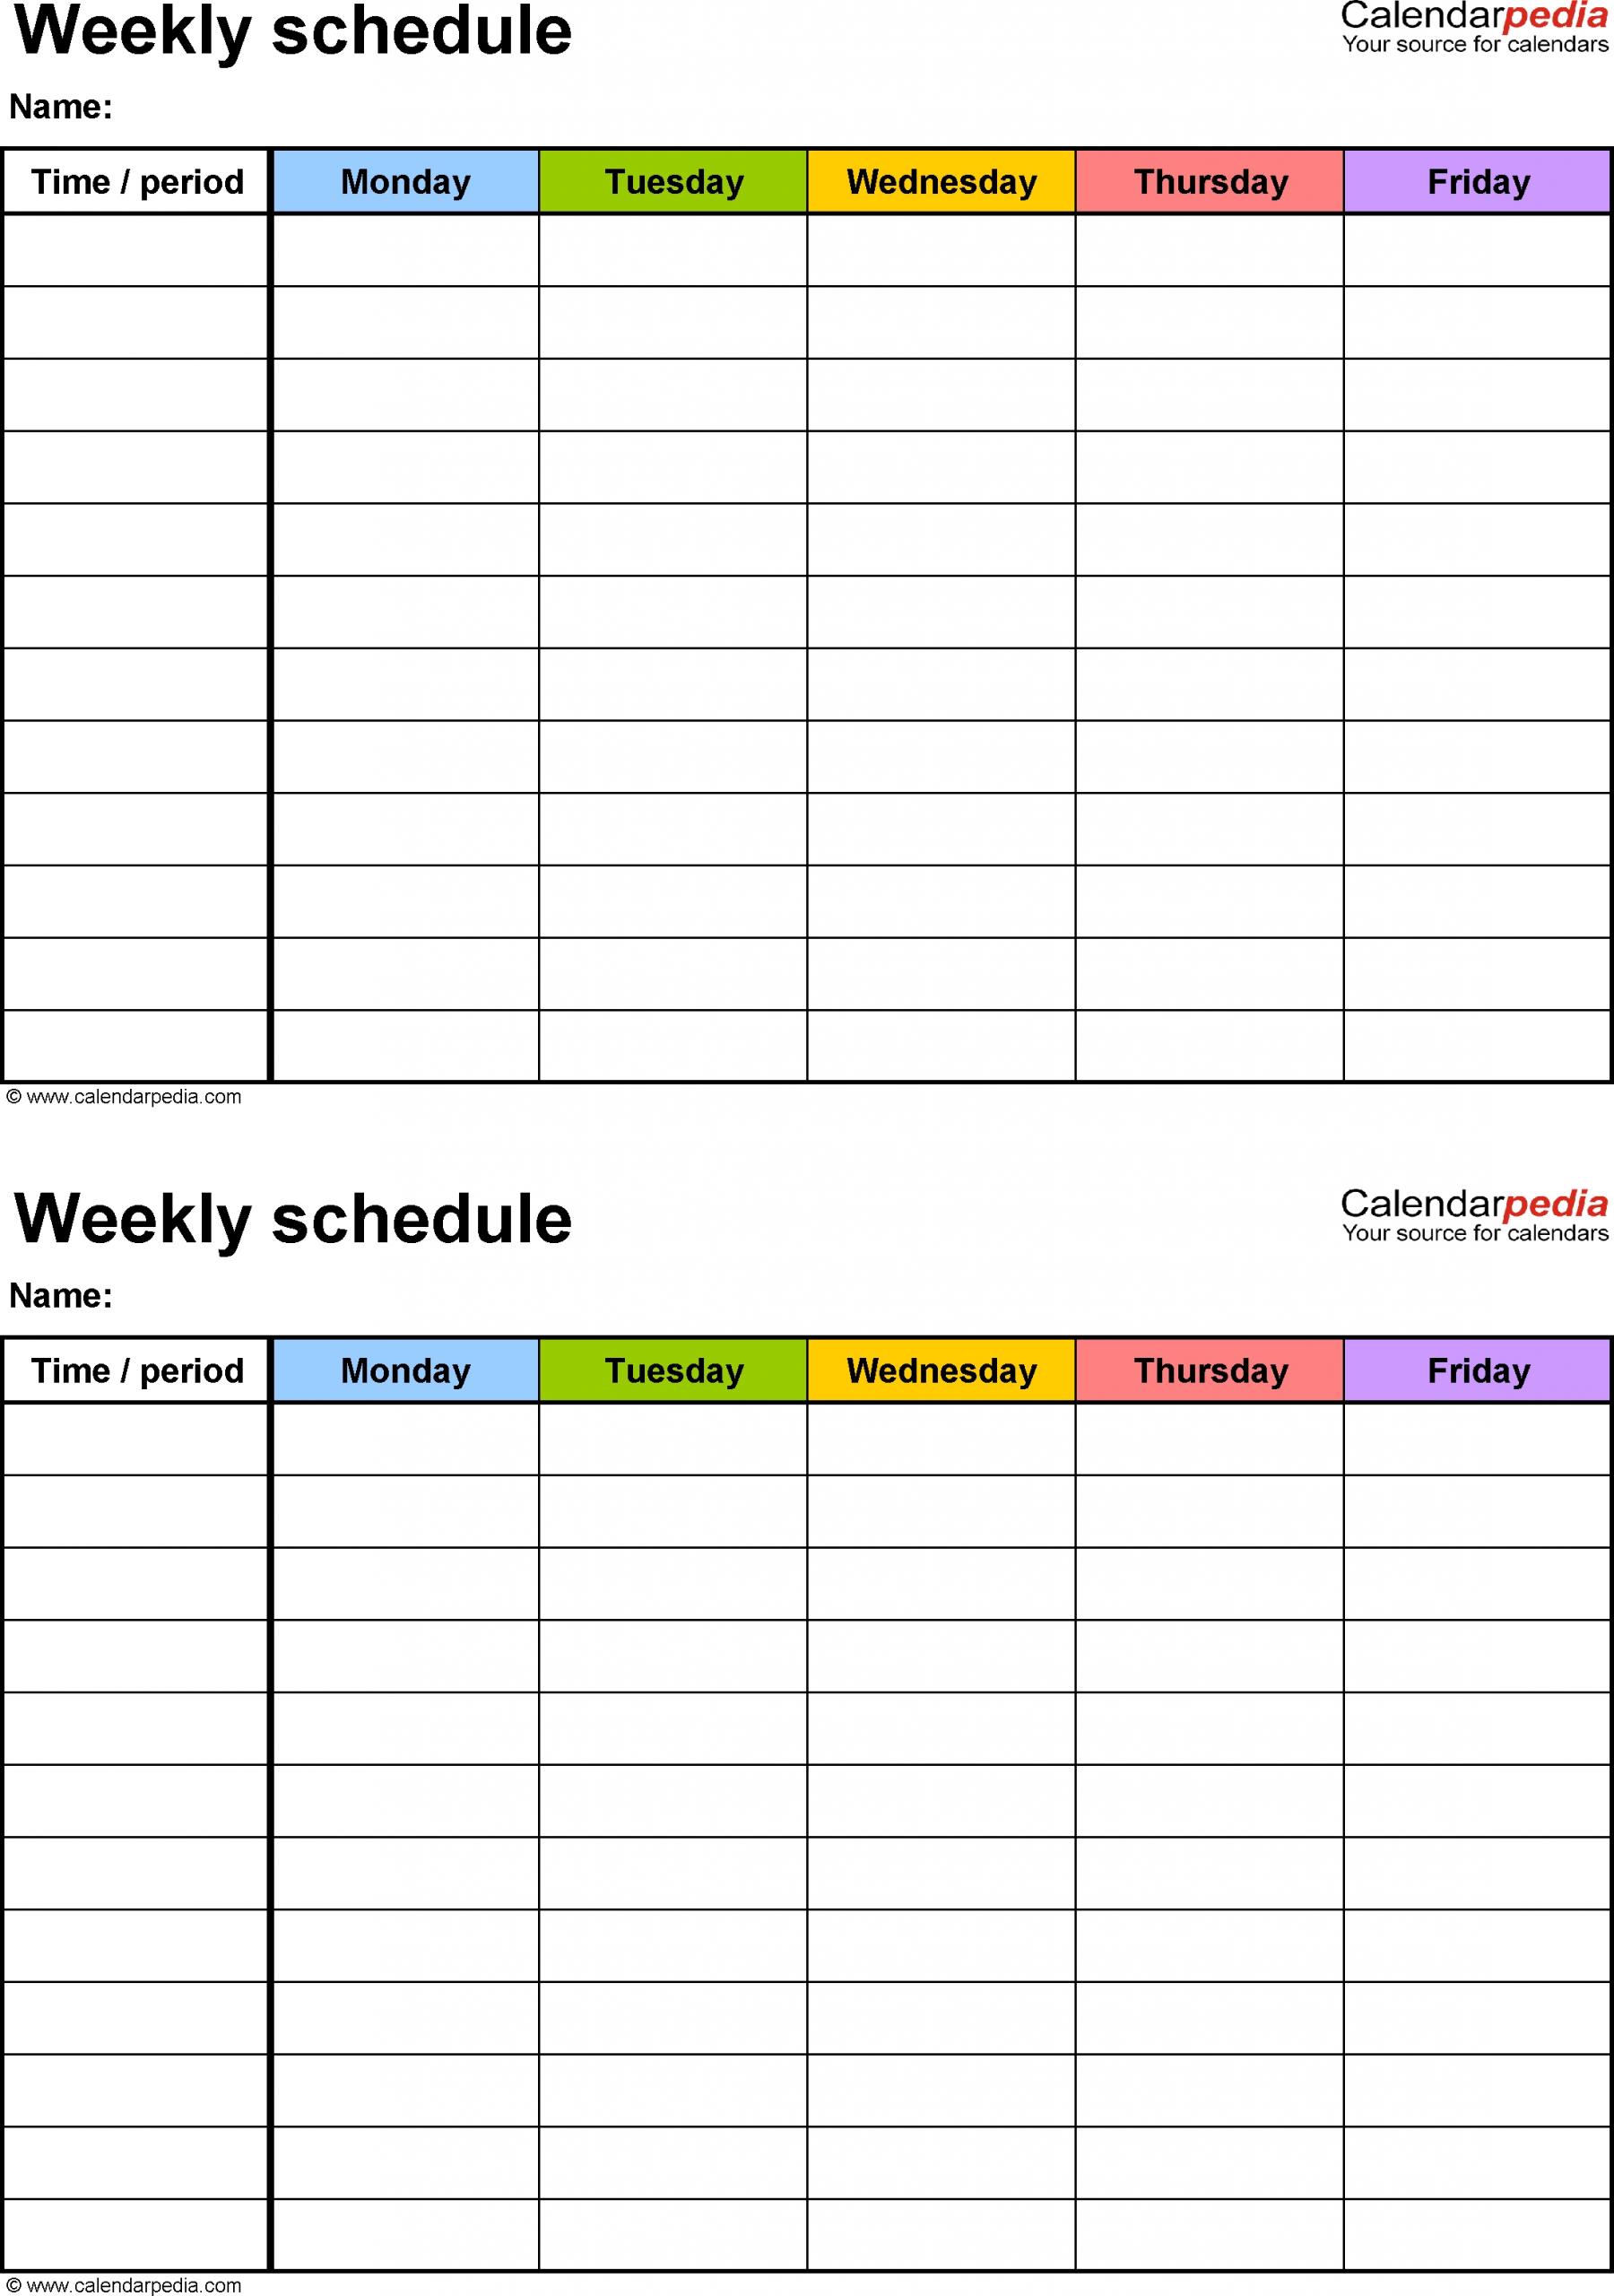 Printable 2 Week Blank Calendar Template | Example Blank Printable Two Week Calendar